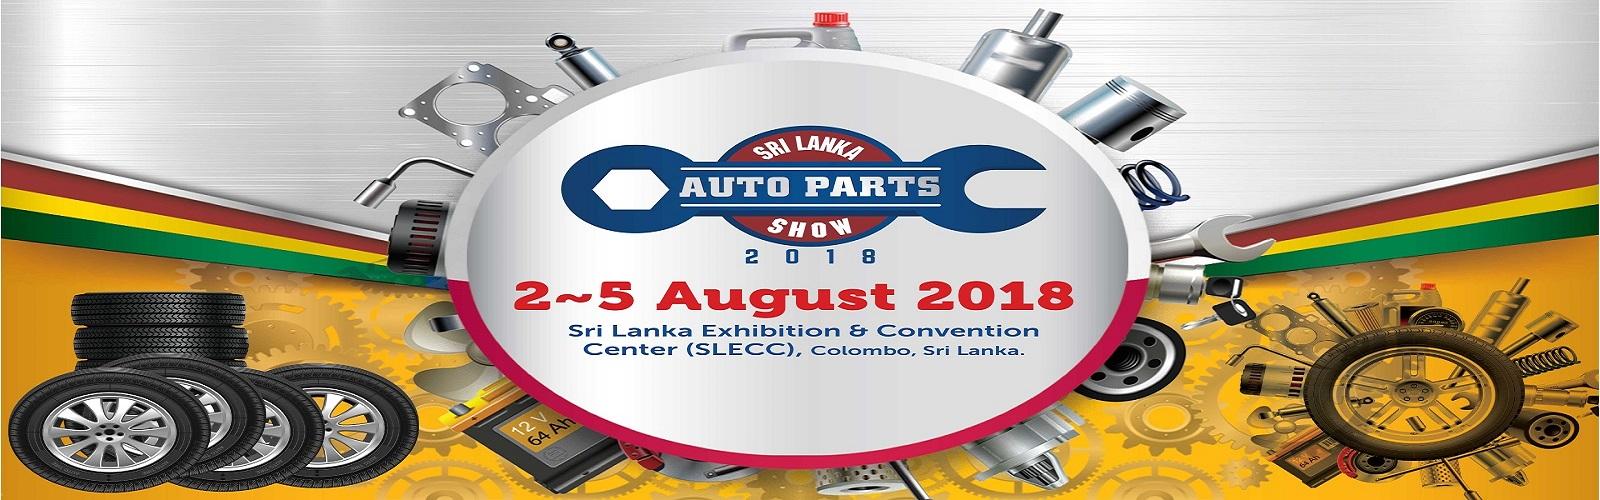 Sri Lanka Auto Parts Show 2018